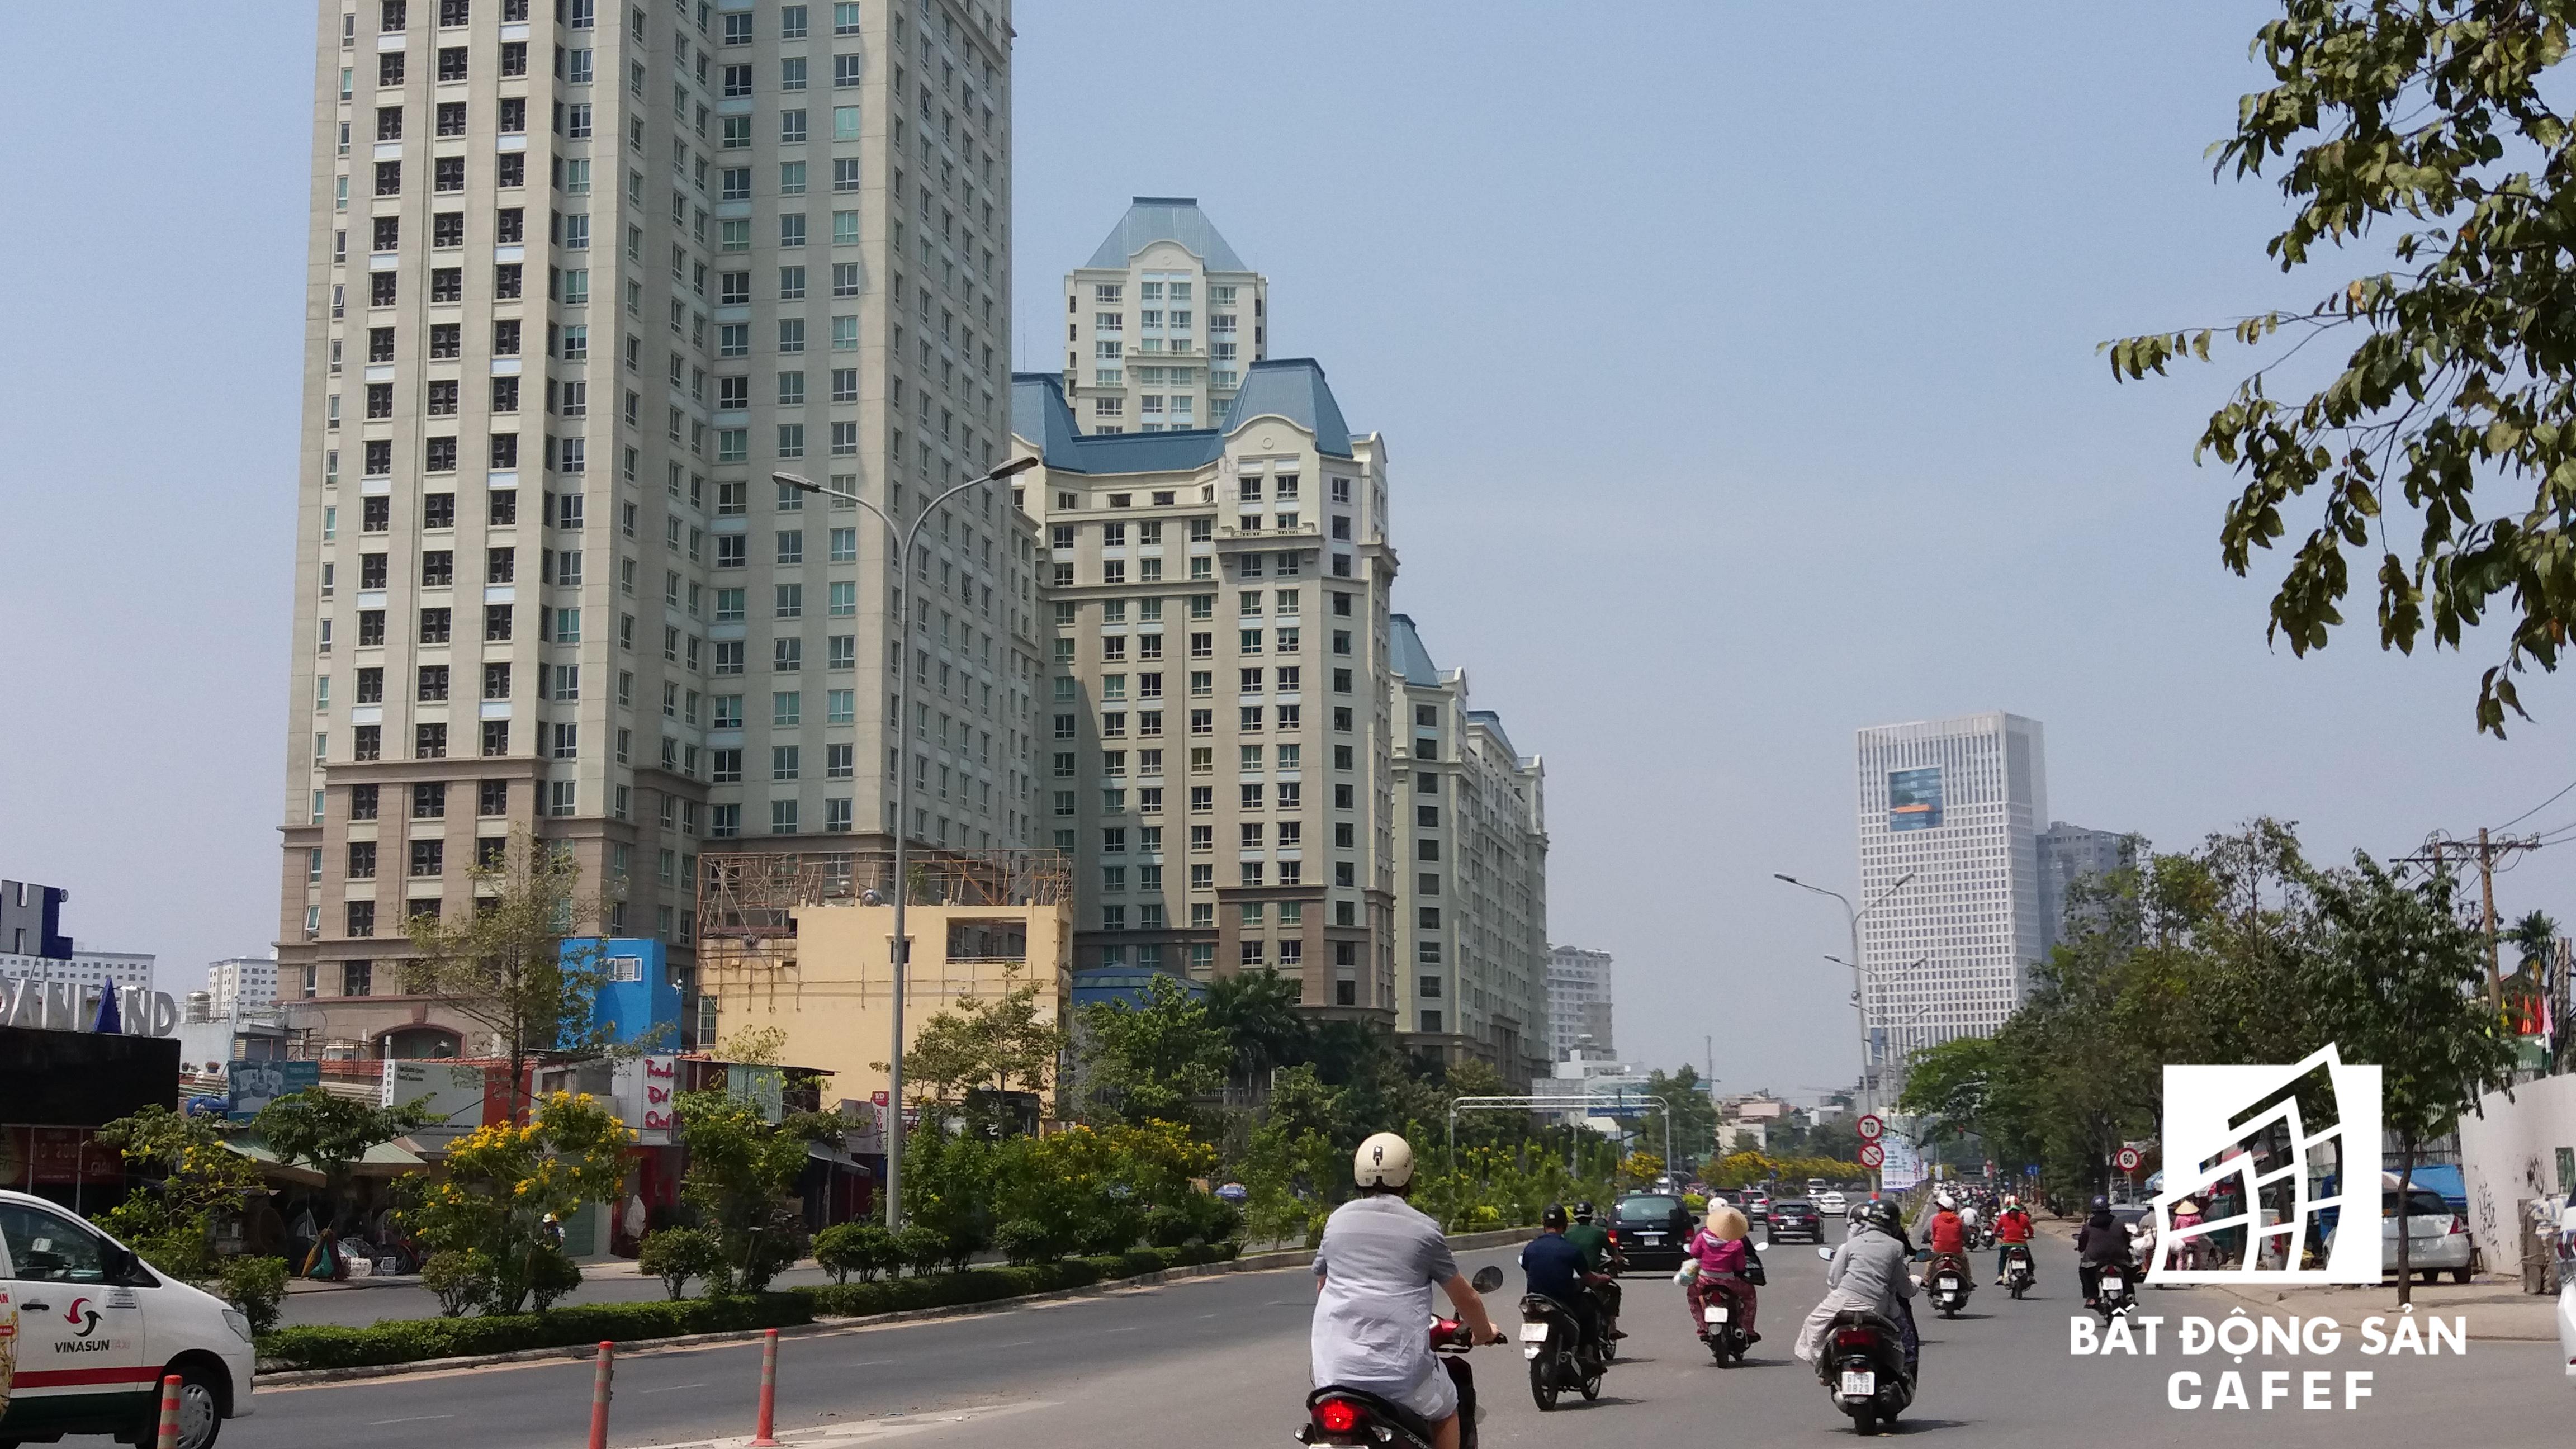 Cung đường nới vào khu trung tâm quận 1.